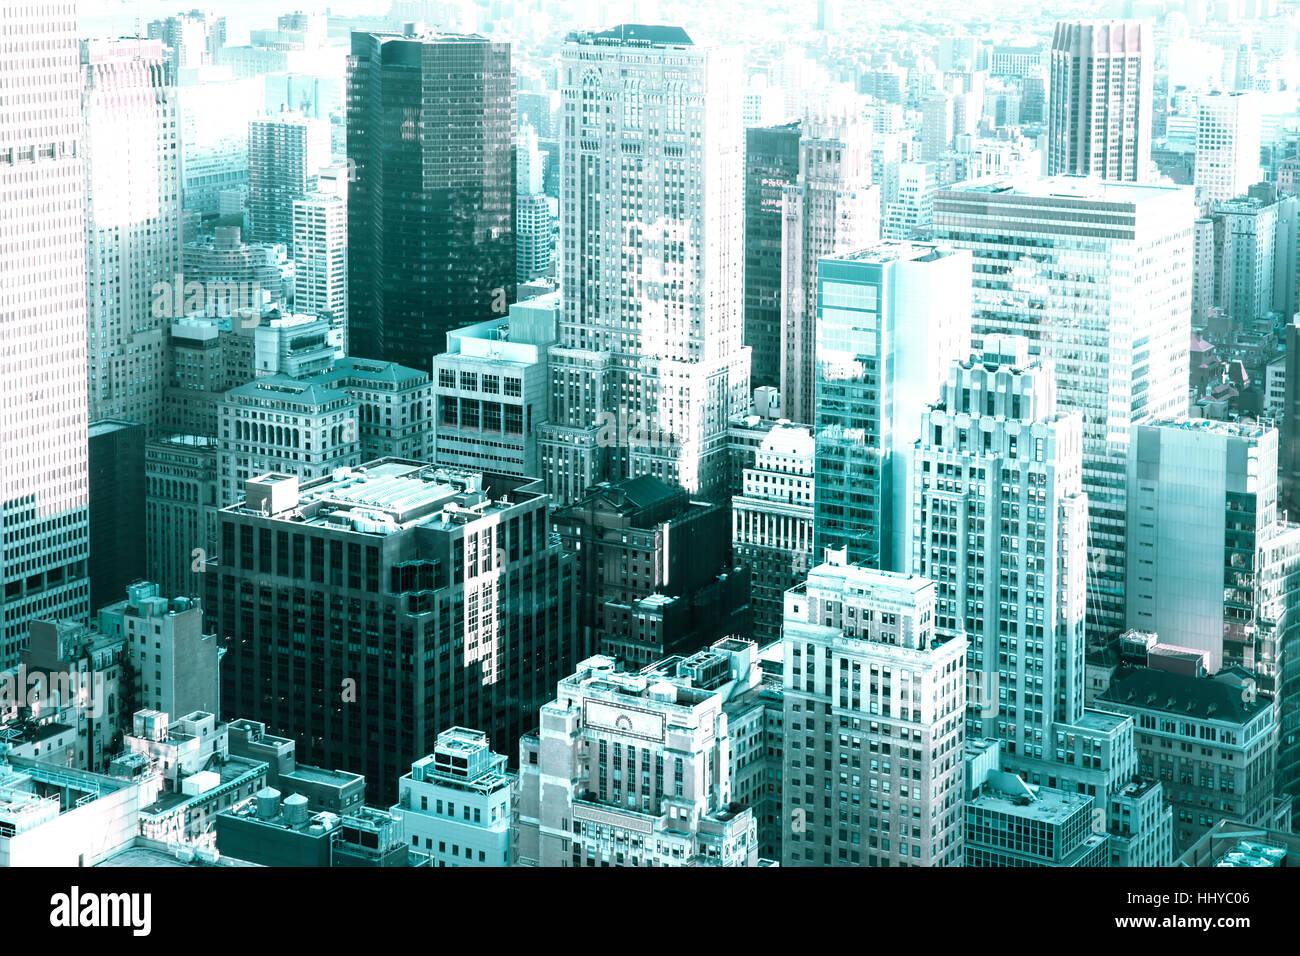 Vista di molti edifici e grattacieli in tutta la città di New York con tono moderno Immagini Stock